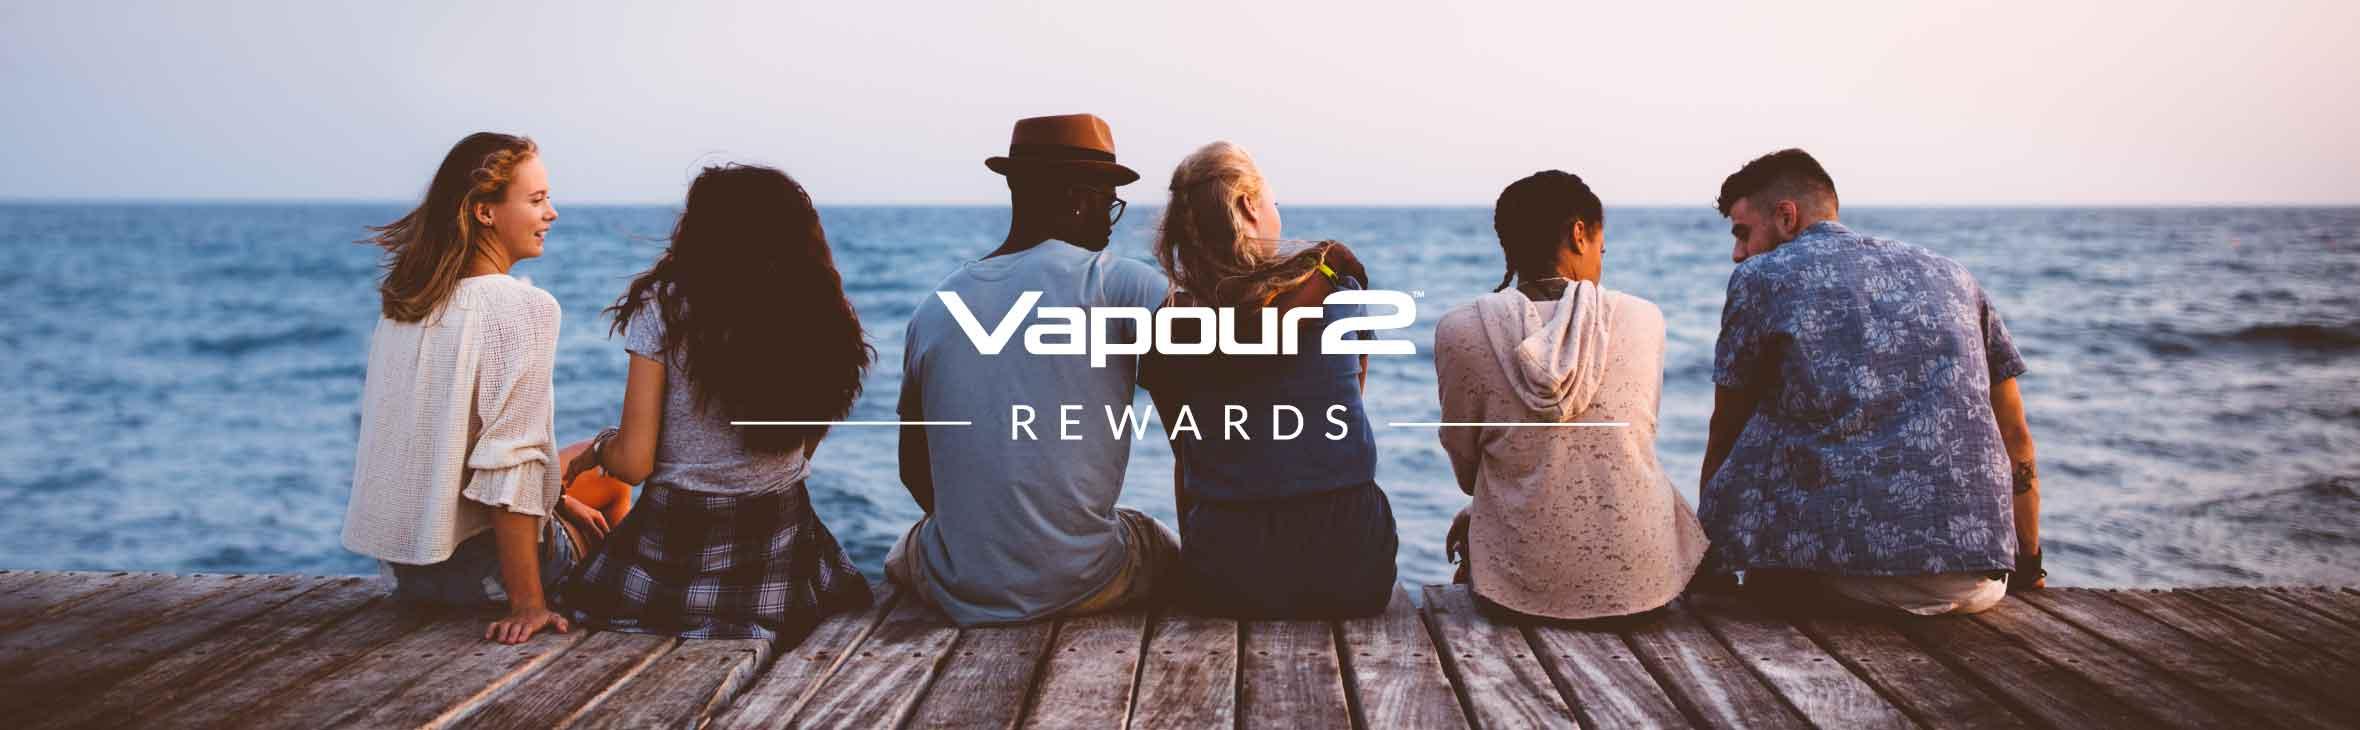 V2 Rewards Banner Image